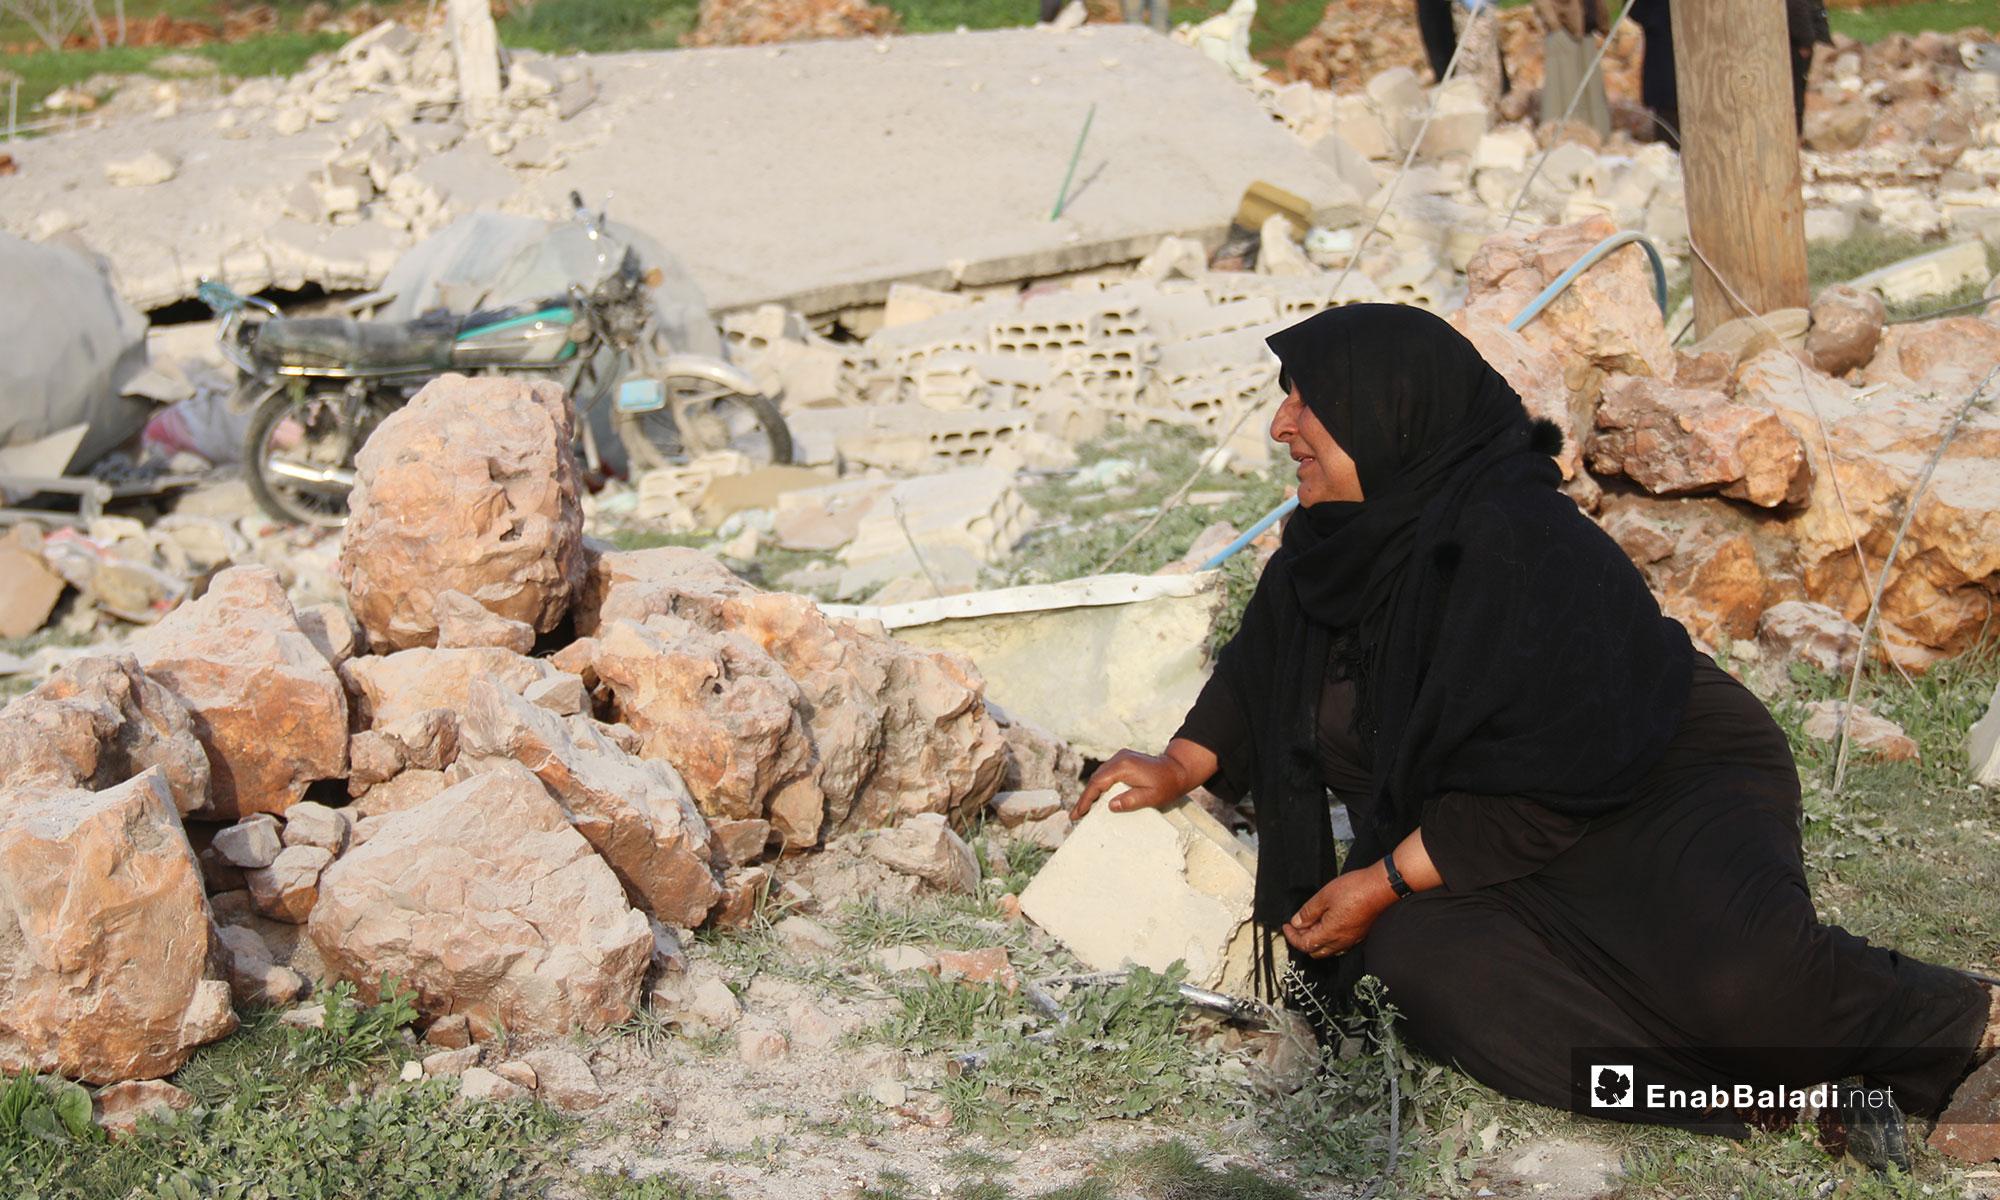 امرآة تجلس على ركام منزلها بعد قصفه من الطيران الروسي في بلدة الفقيع جنوبي إدلب - 21 من آذار 2019 (عنب بلدي)